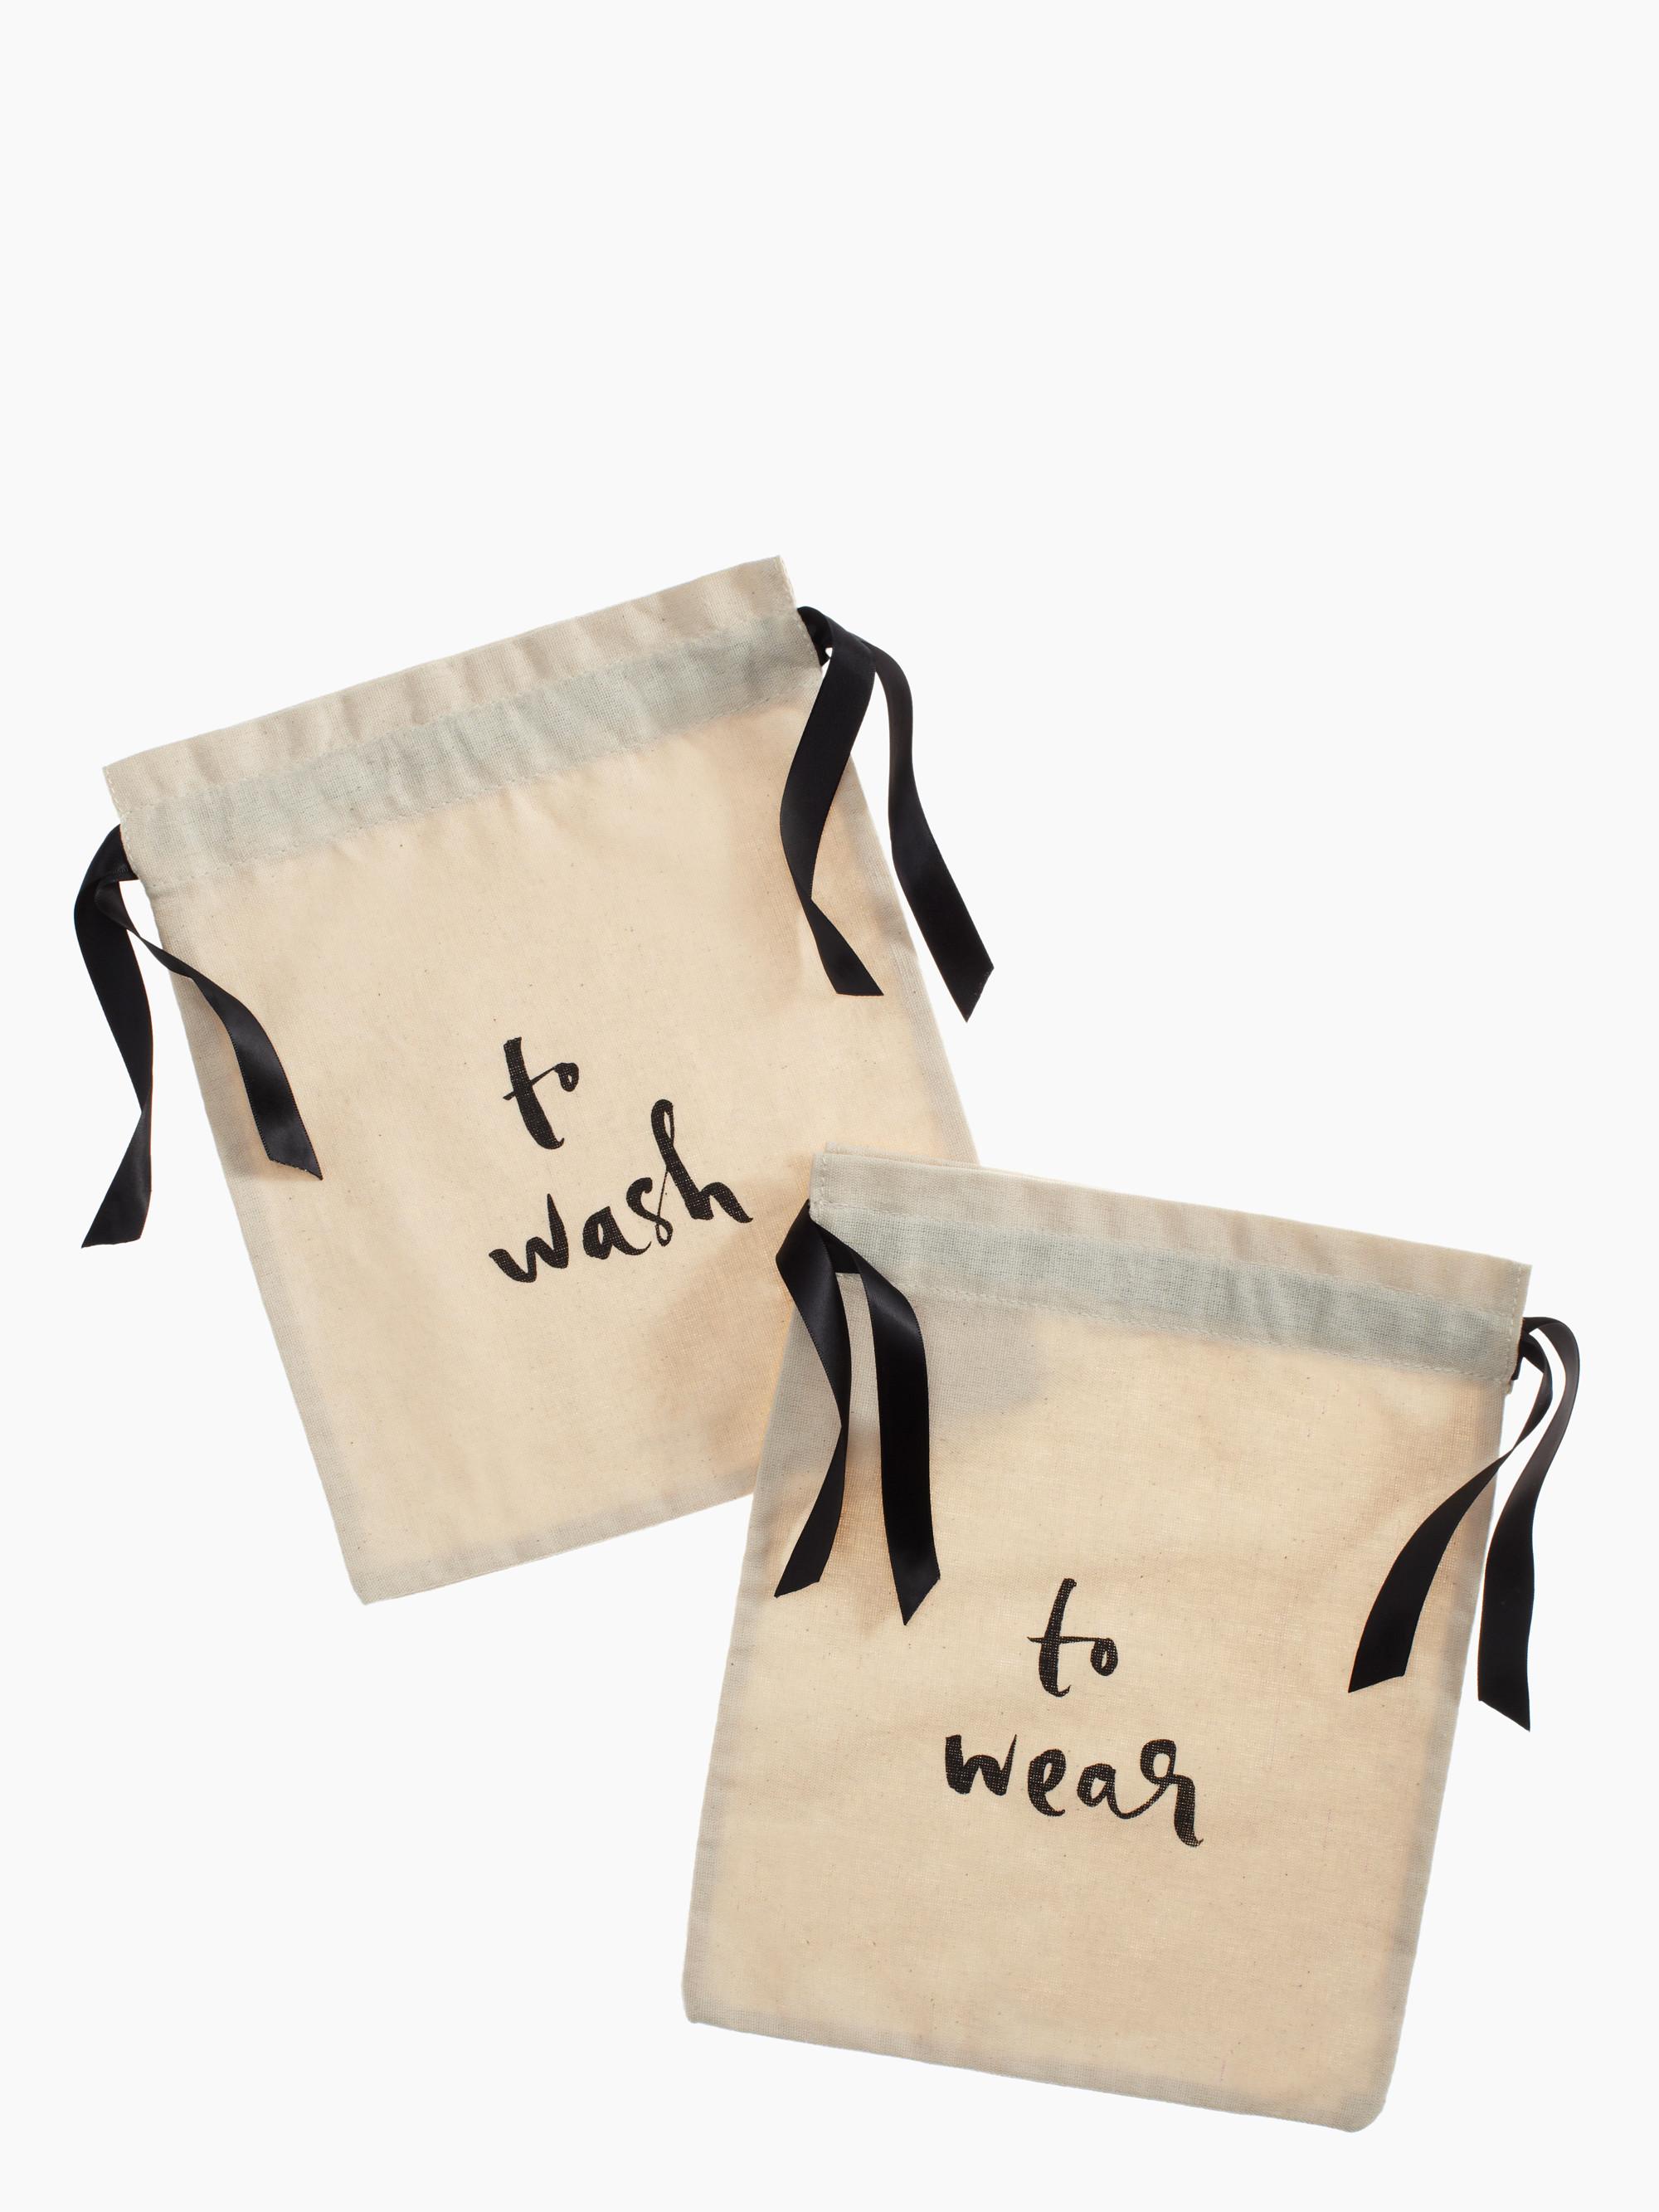 Image result for travel lingerie bag